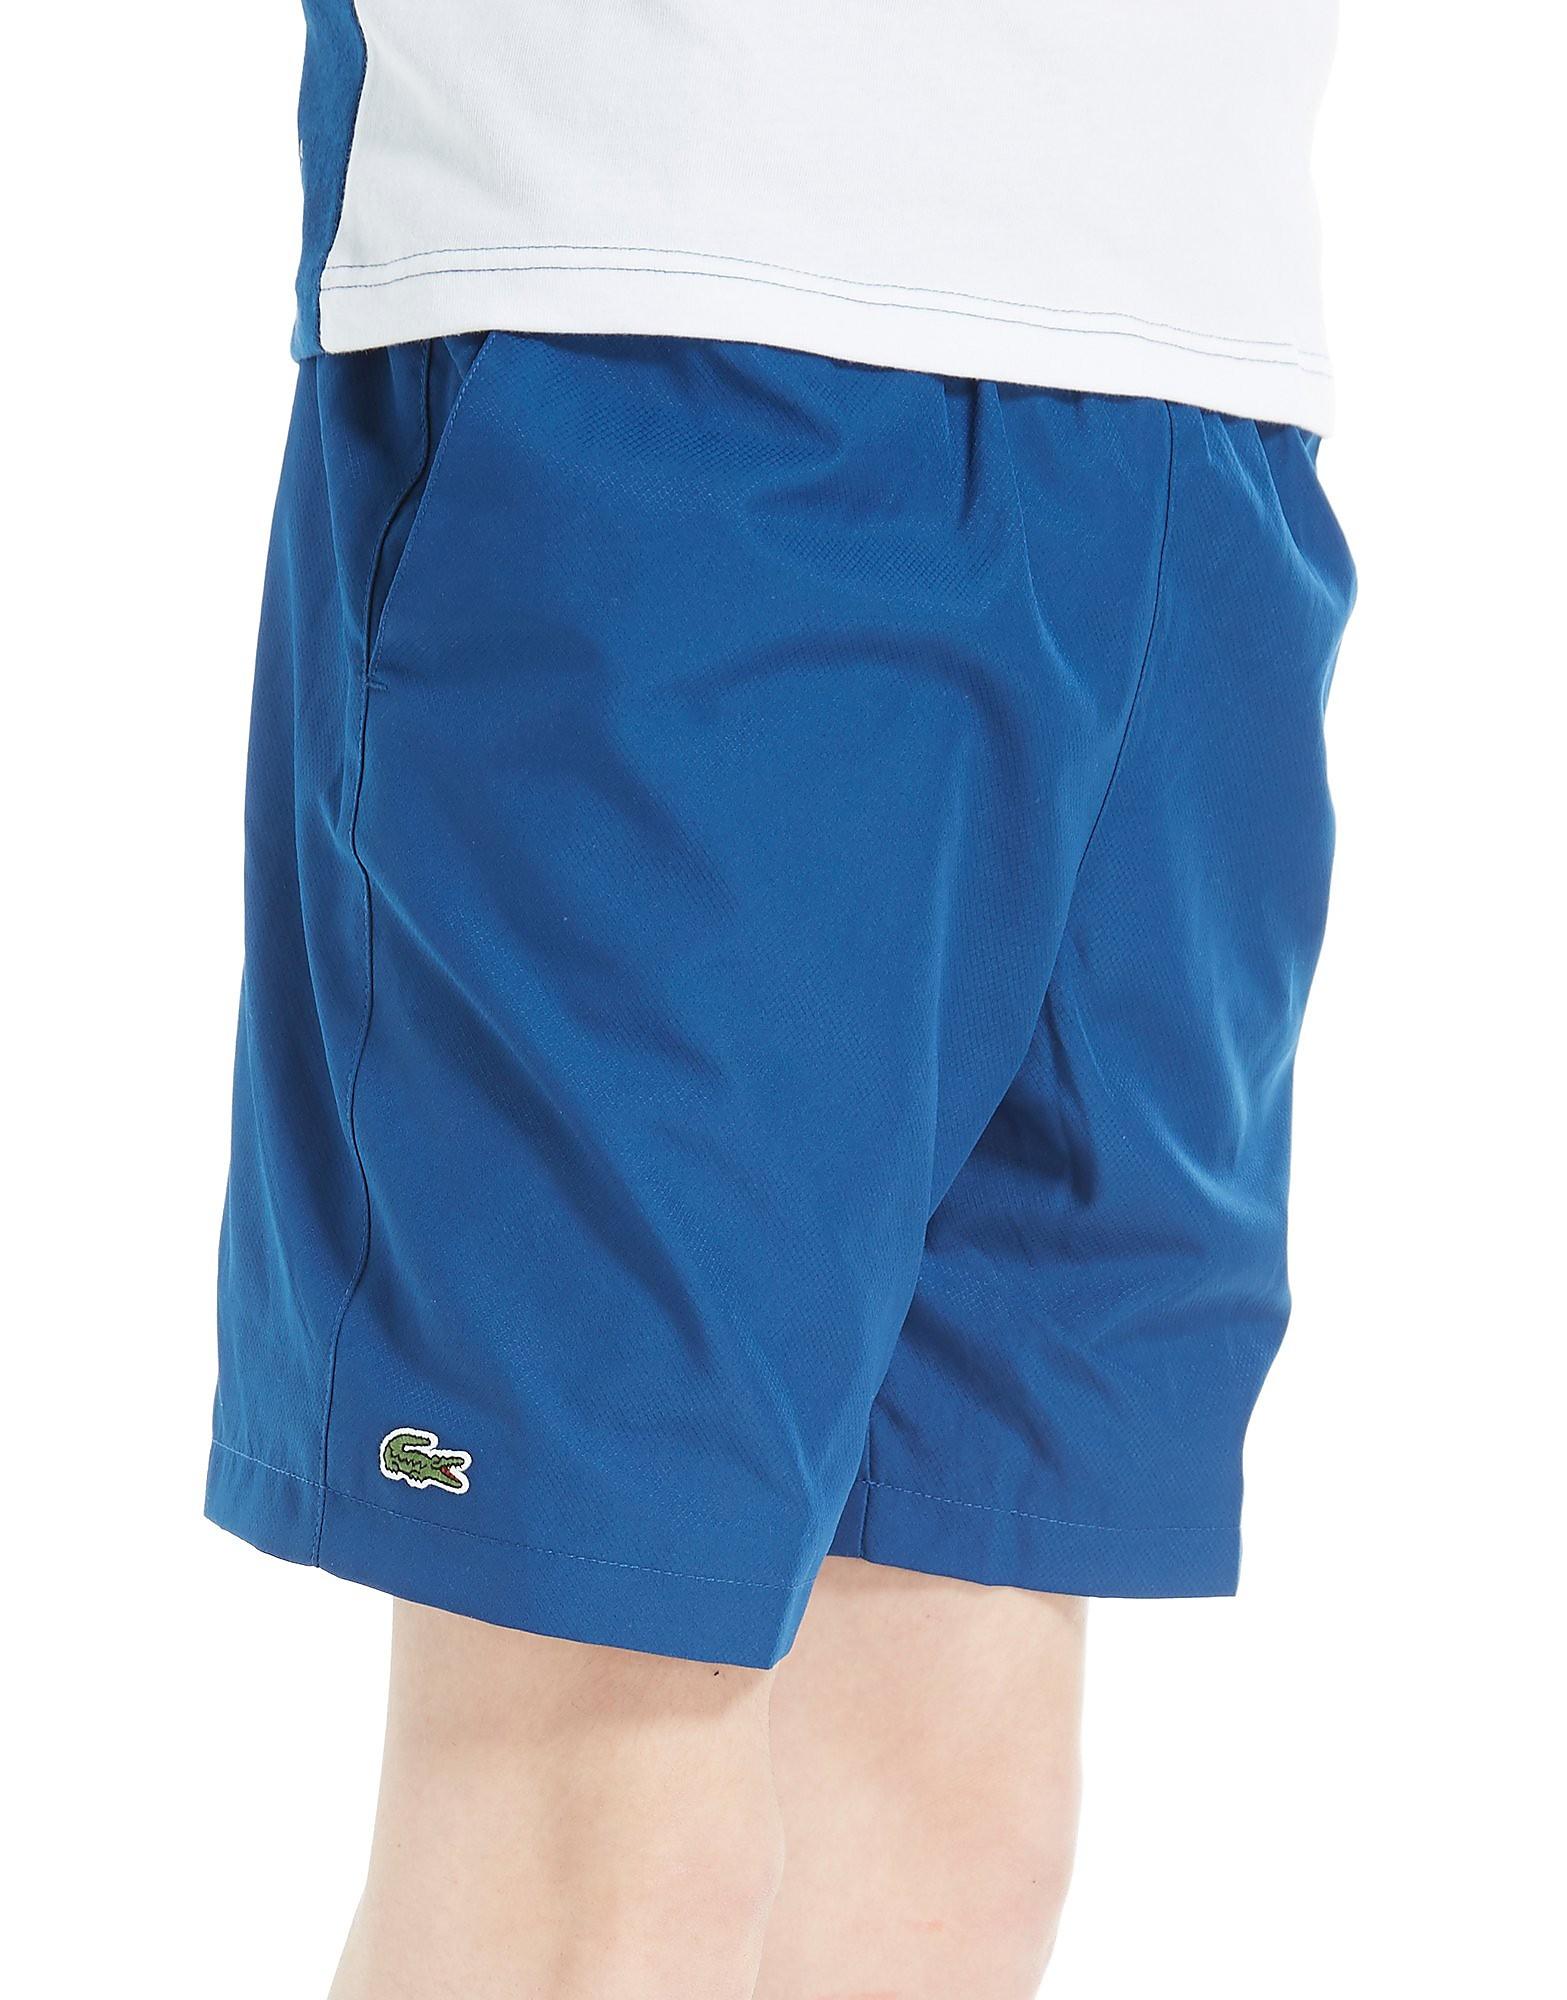 Lacoste pantalón corto Woven júnior